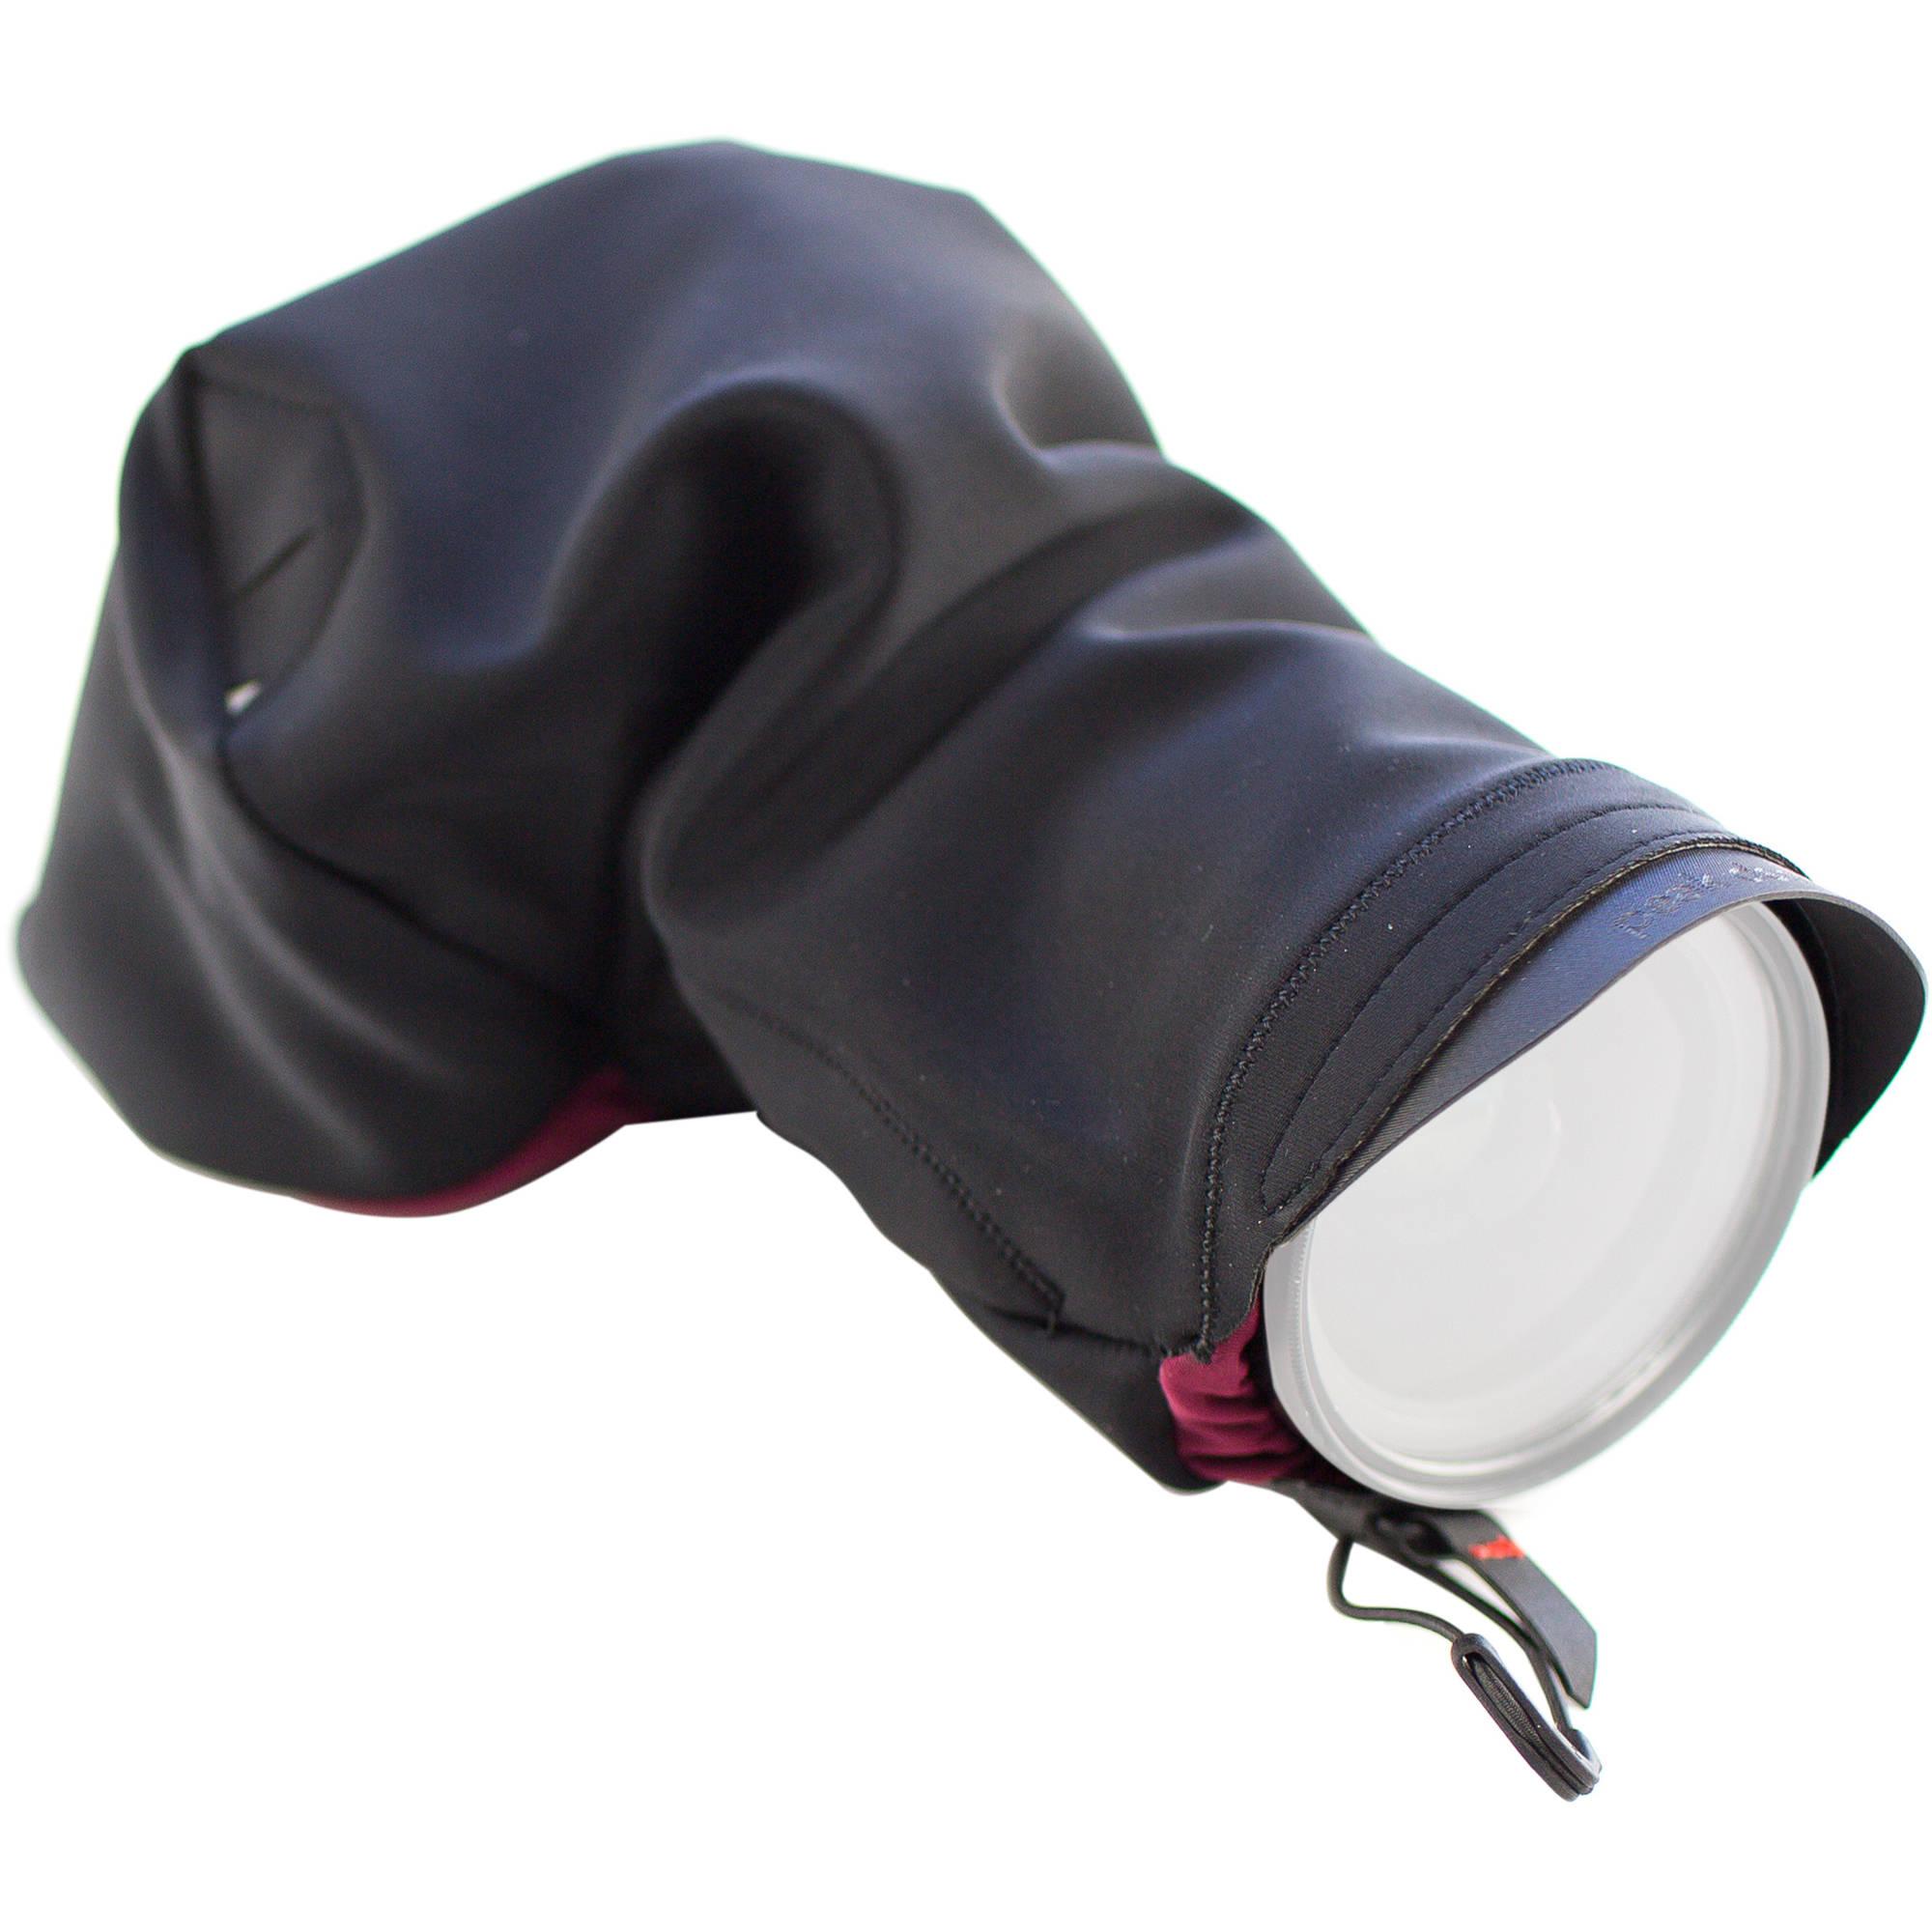 Peak Design Shell Medium Form Fitting Rain And Dust Cover Sh M 1 Lens Kit Nikon F Mount Black